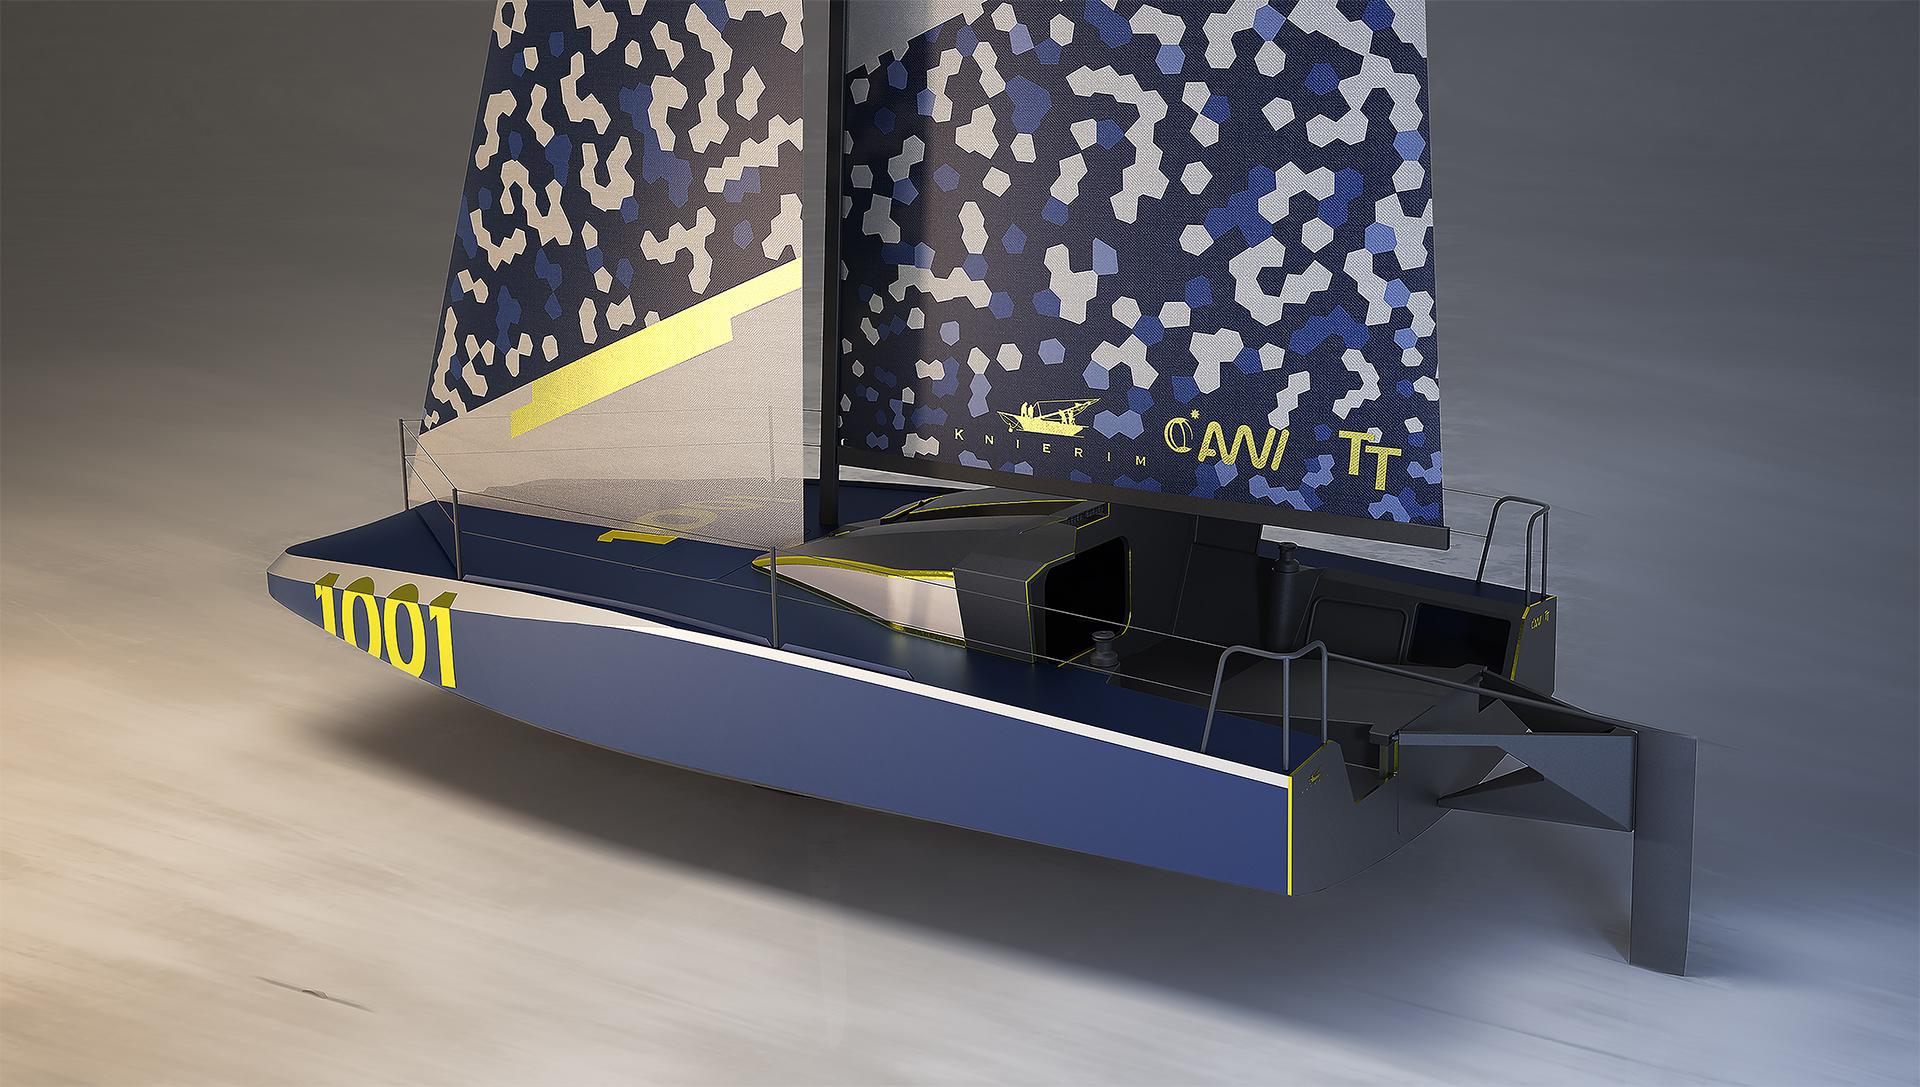 Knierim-TT-Mini-Profile.jpg